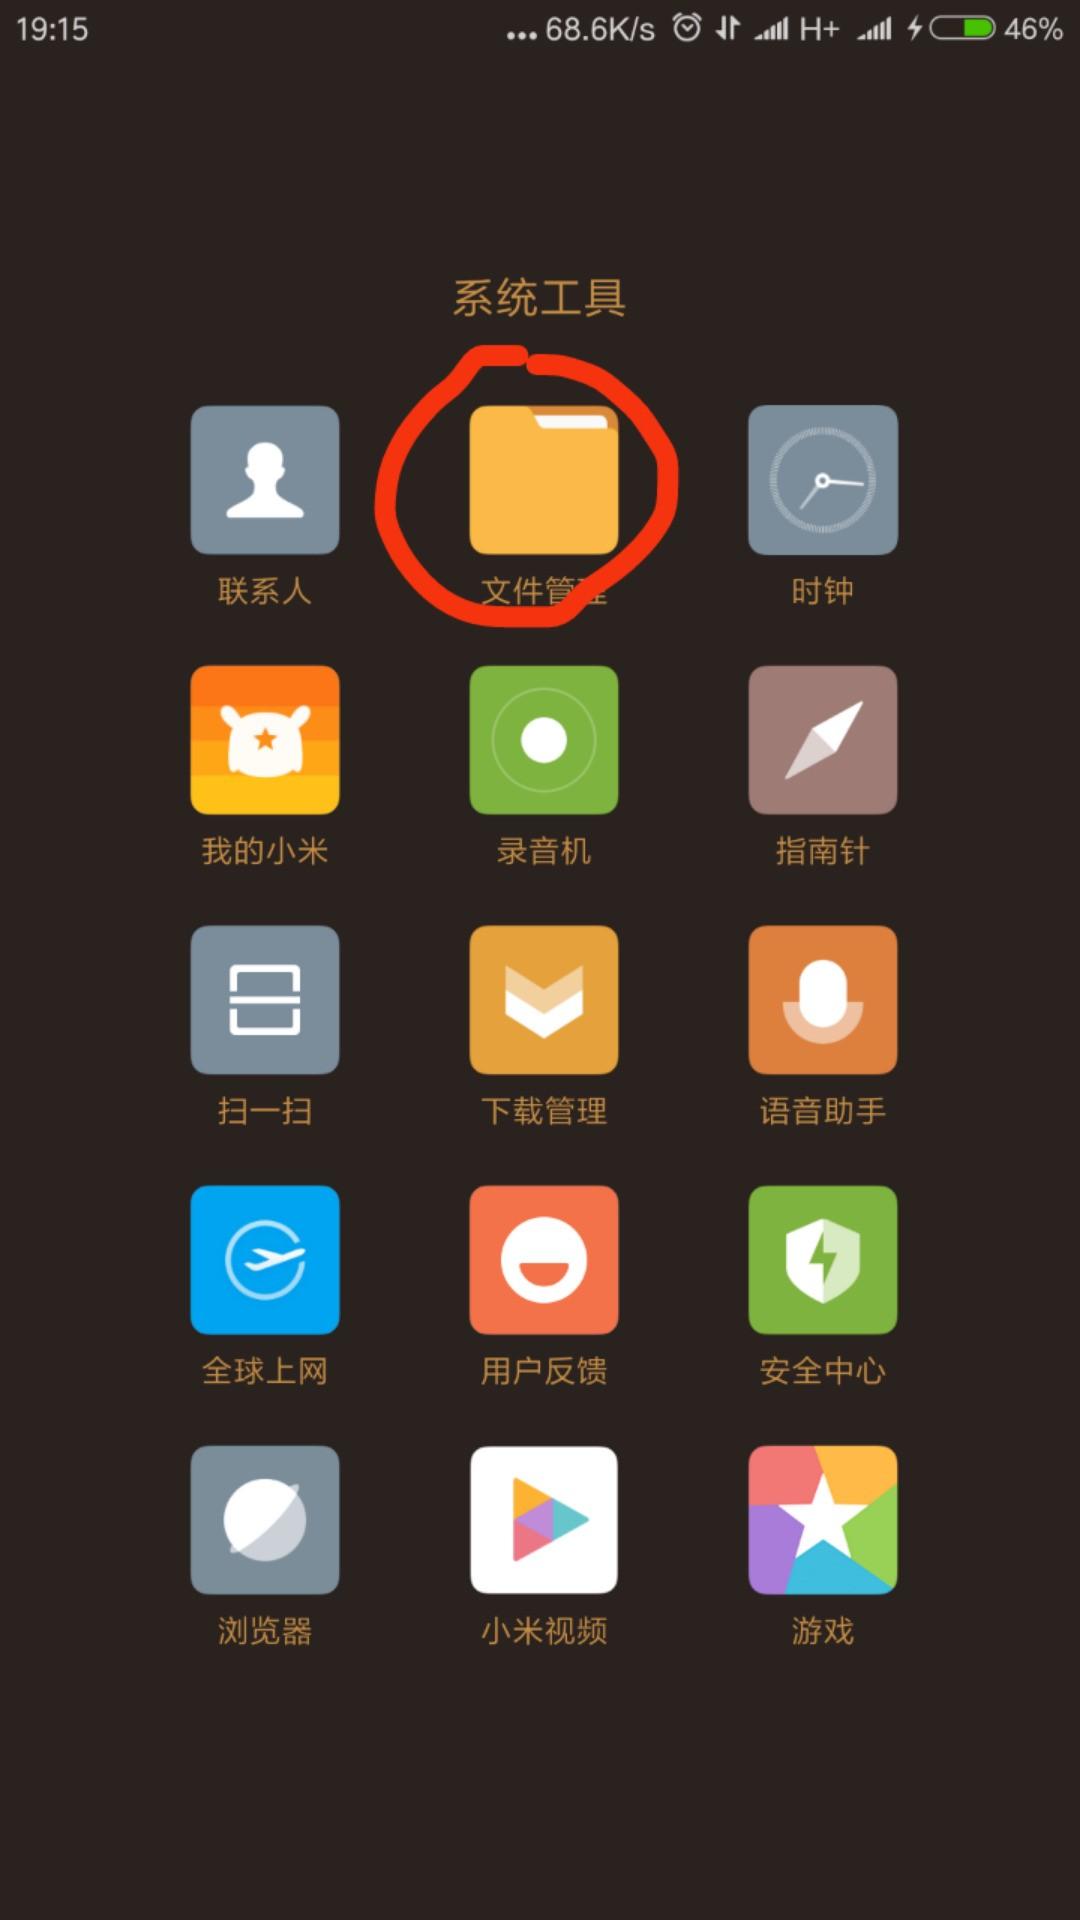 小米手机移动文件到SD卡,需要通过文件管理软件来实现 小米自带的文件管理软件可以实现这一功能,具体步骤如下: 打开小米手机自带应用:文件管理  里面为最近/分类/手机三个选项,选择手机  选择要移动的文件夹,长按,出现选项选择移动到SD卡即可 纯手工输入,有疑问欢迎继续